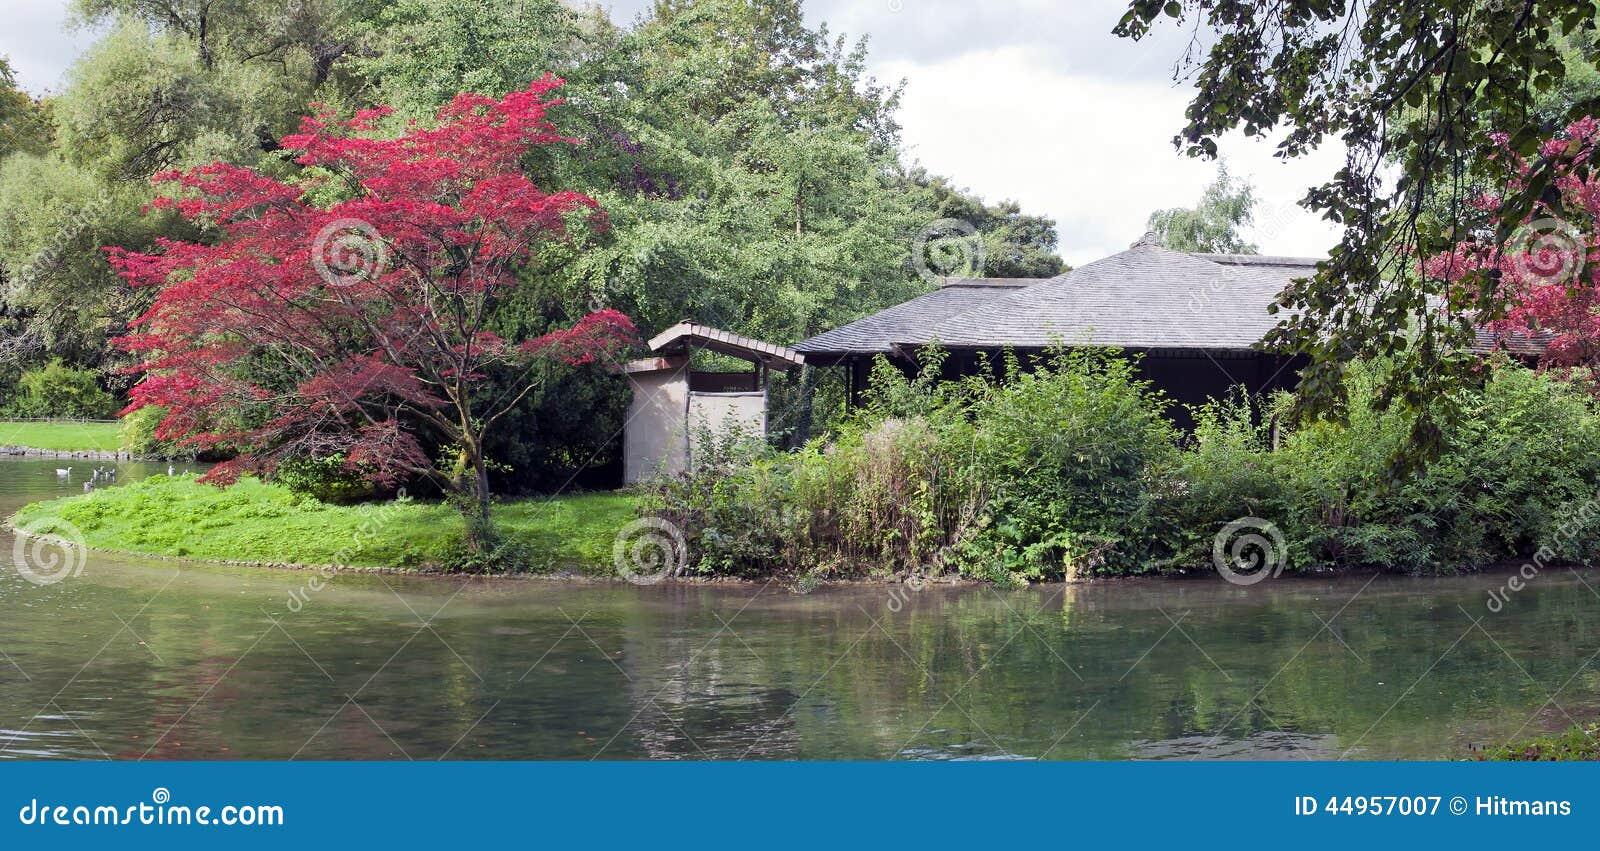 Maison de th japonaise dans le jardin anglais munich for Jardin anglais allemagne